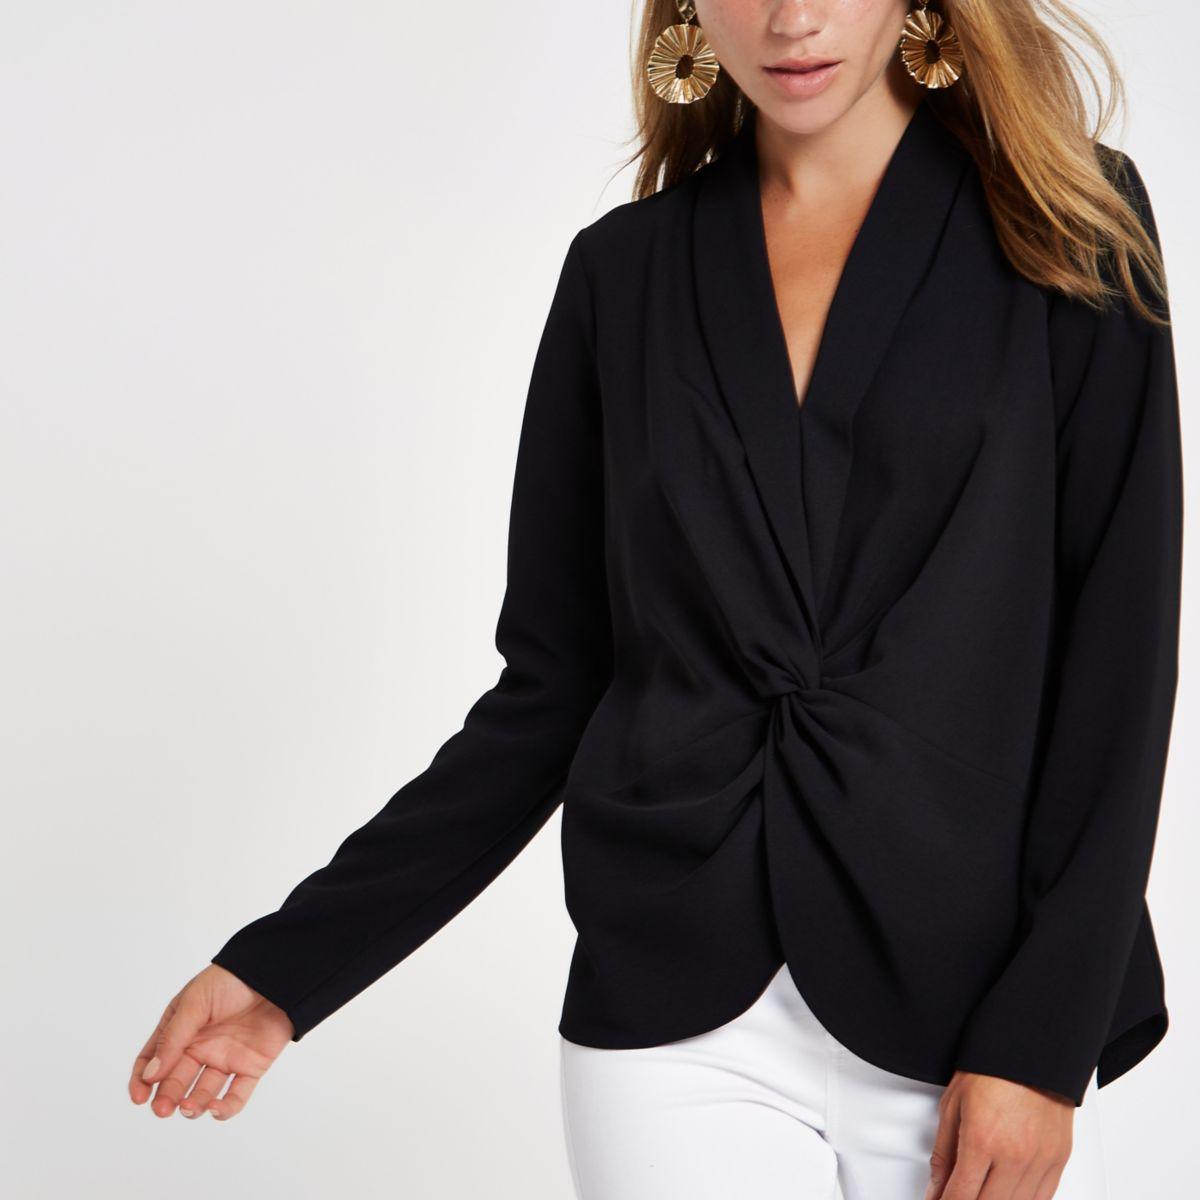 Zwarte blouse met V-hals en gedraaide voorzijde